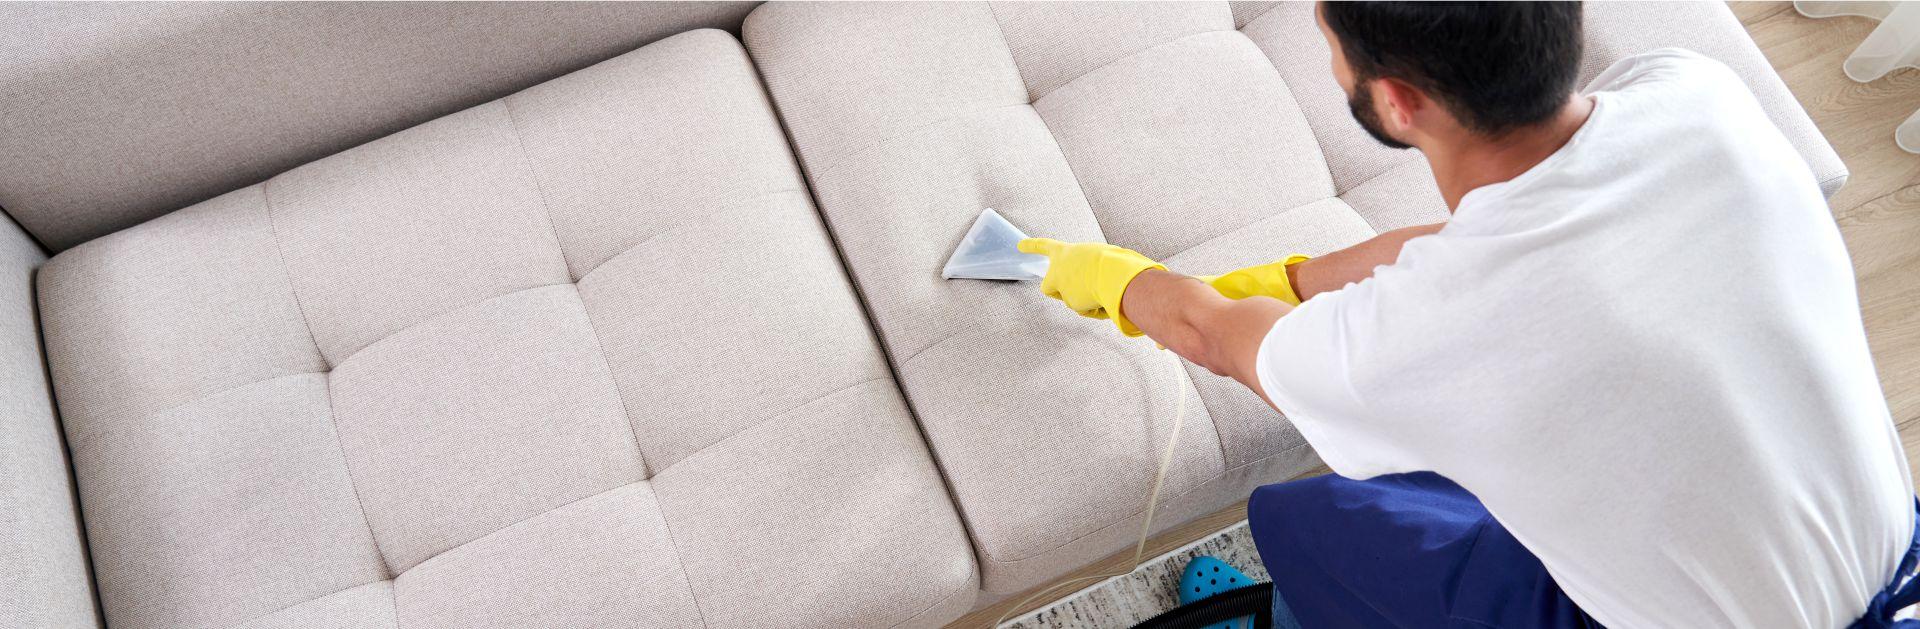 Υπηρεσίες καθαρισμού και απολύμανσης.